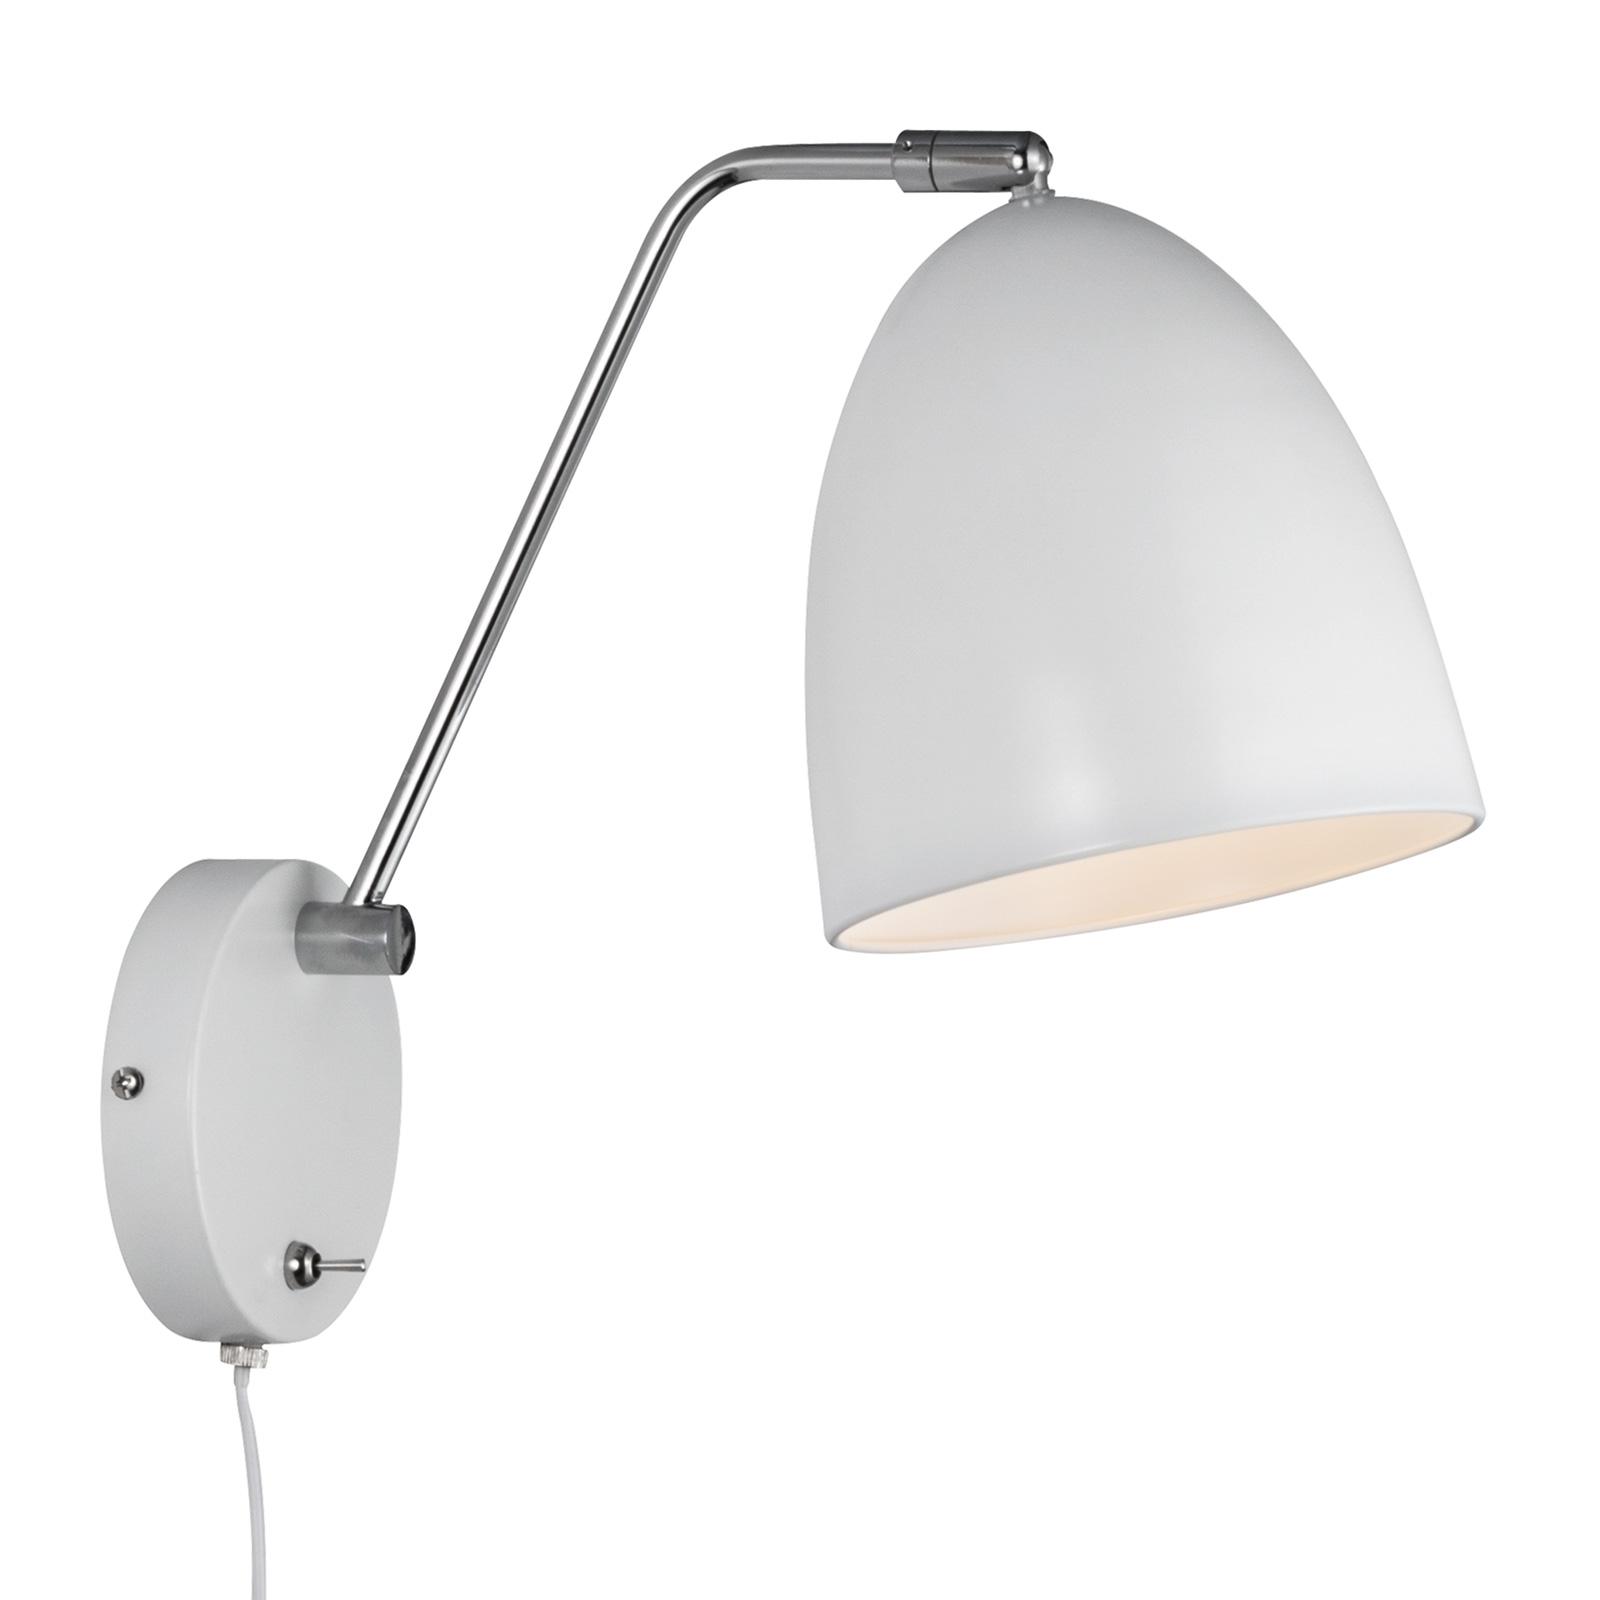 Wandlampe Alexander mit Kabel u. Stecker, weiß